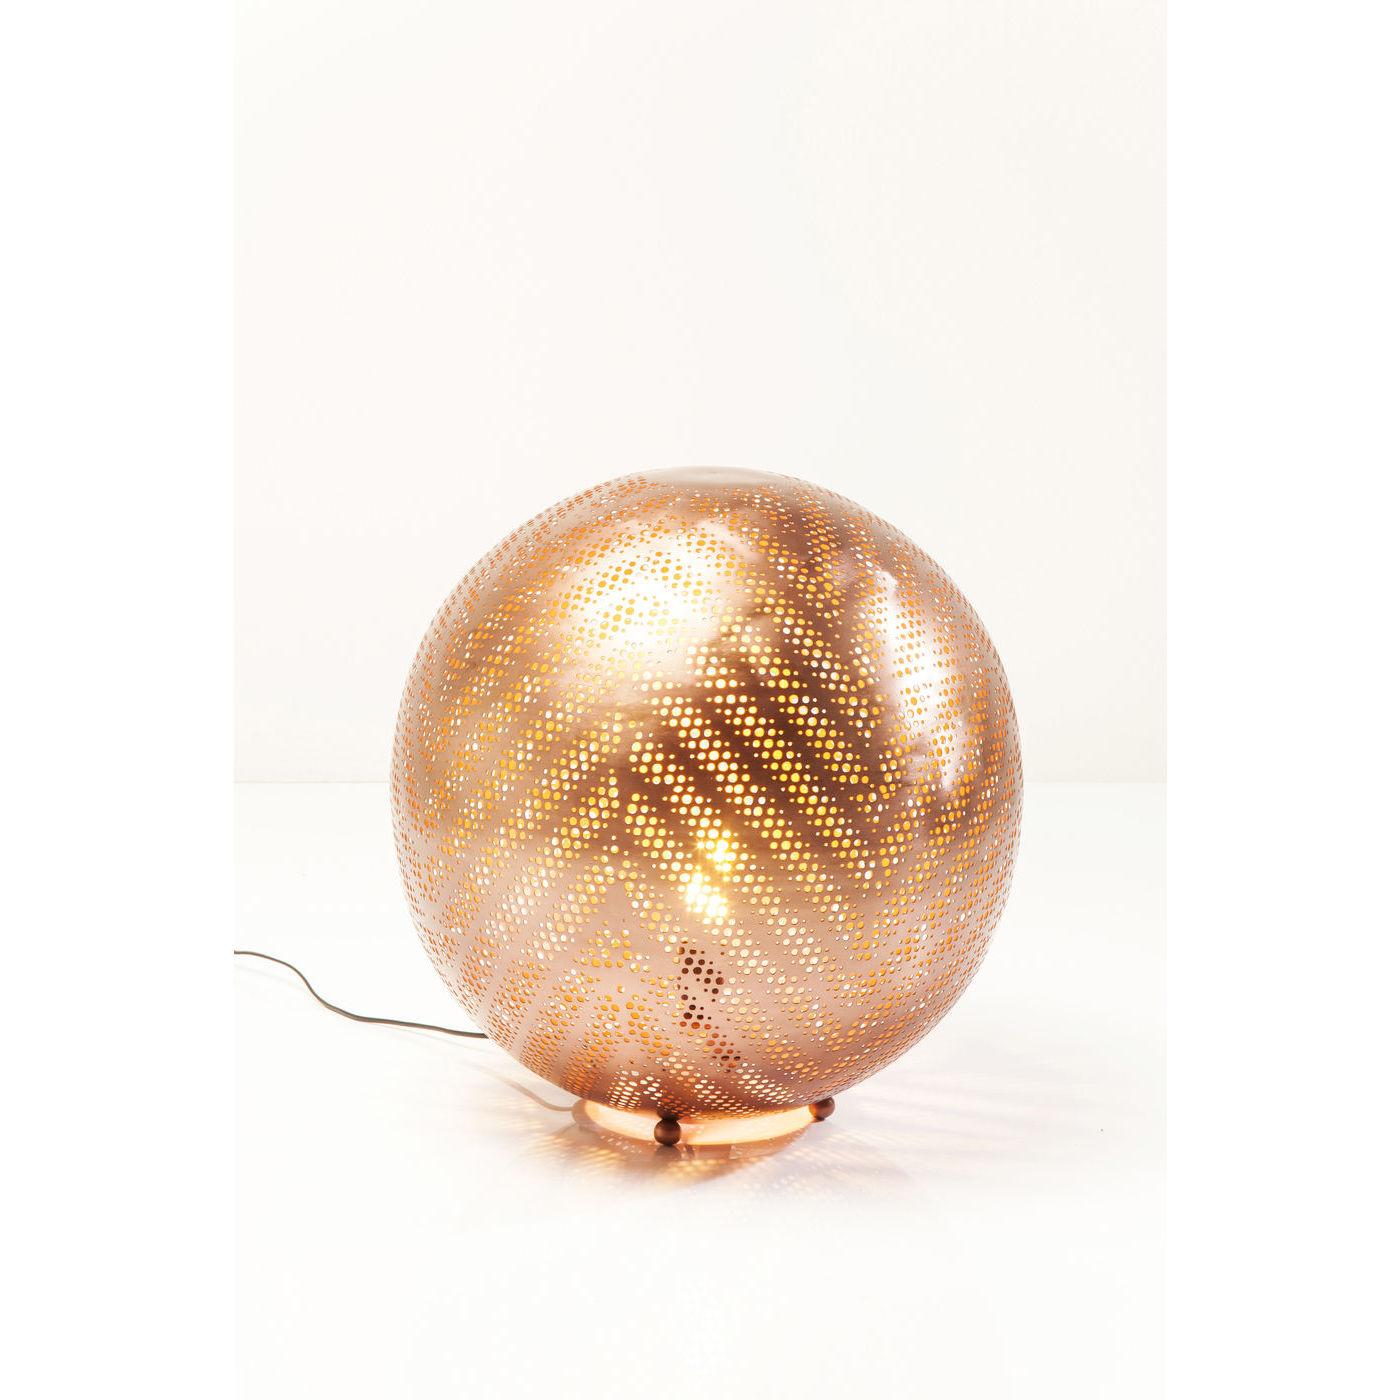 Billede af Kare Design Gulvlampe, Stardust Spikes Antique